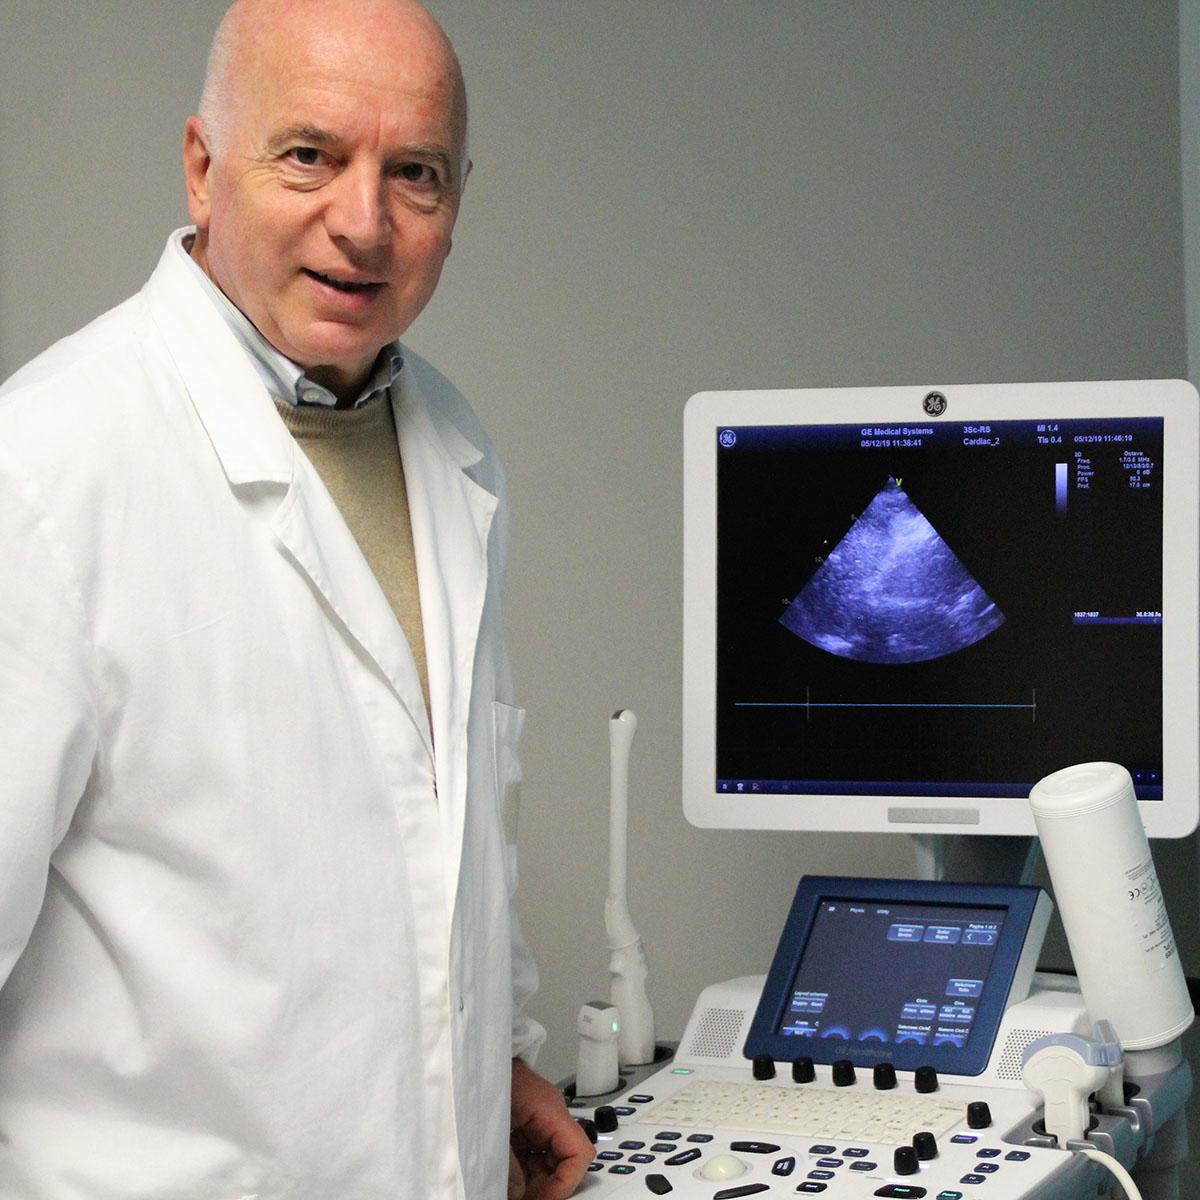 Dott. Fabrizio Righi